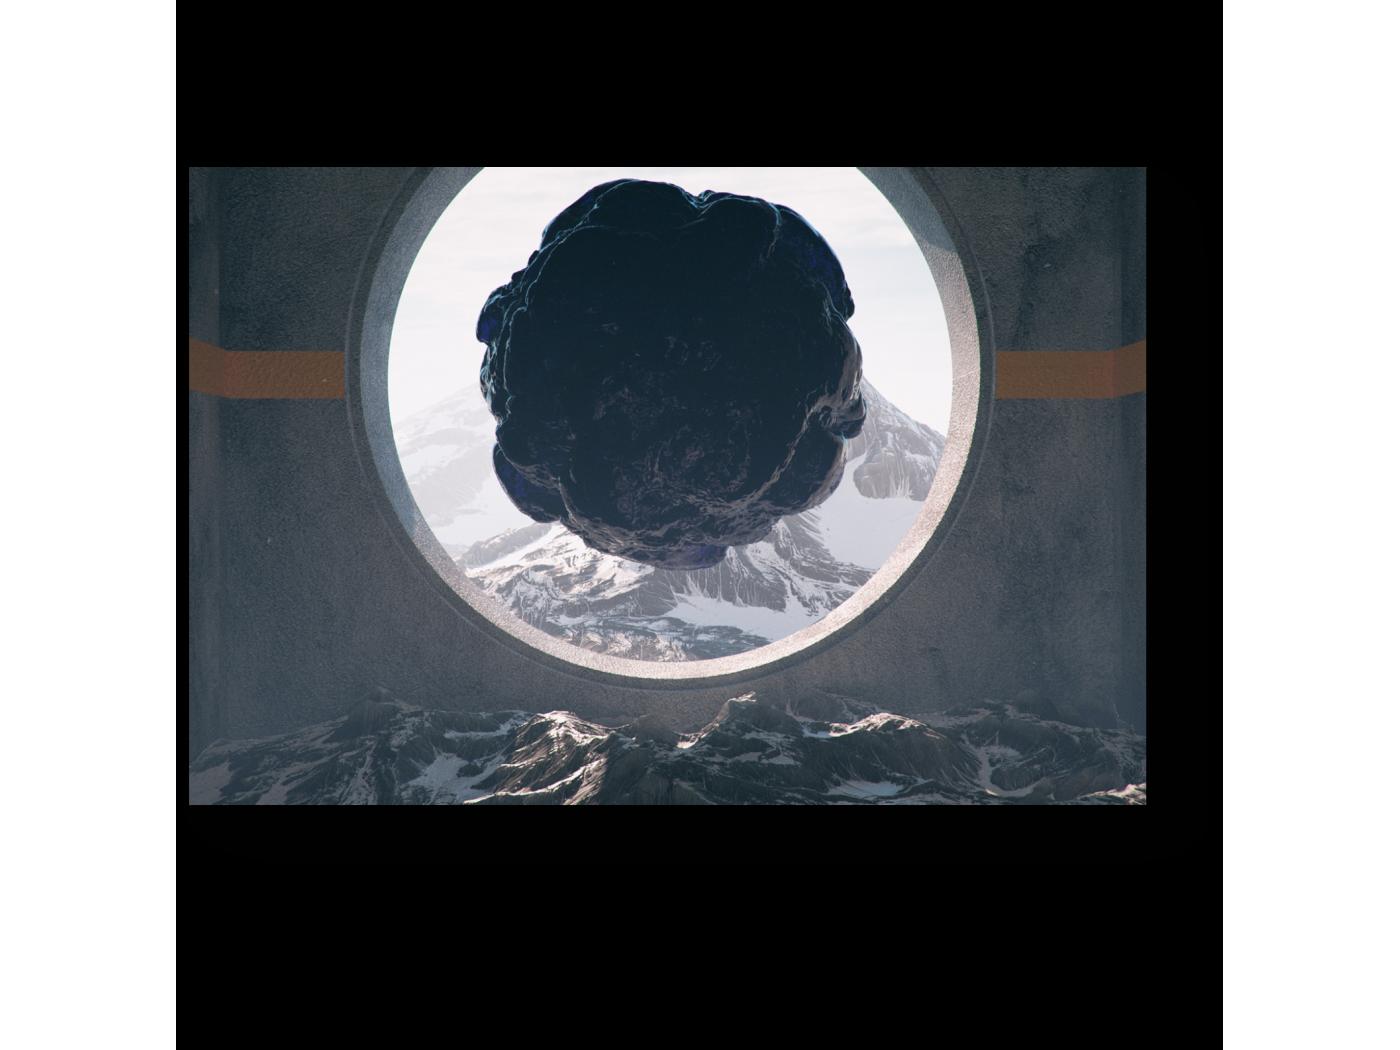 Модульная картина Окно будущего (30x20) фото